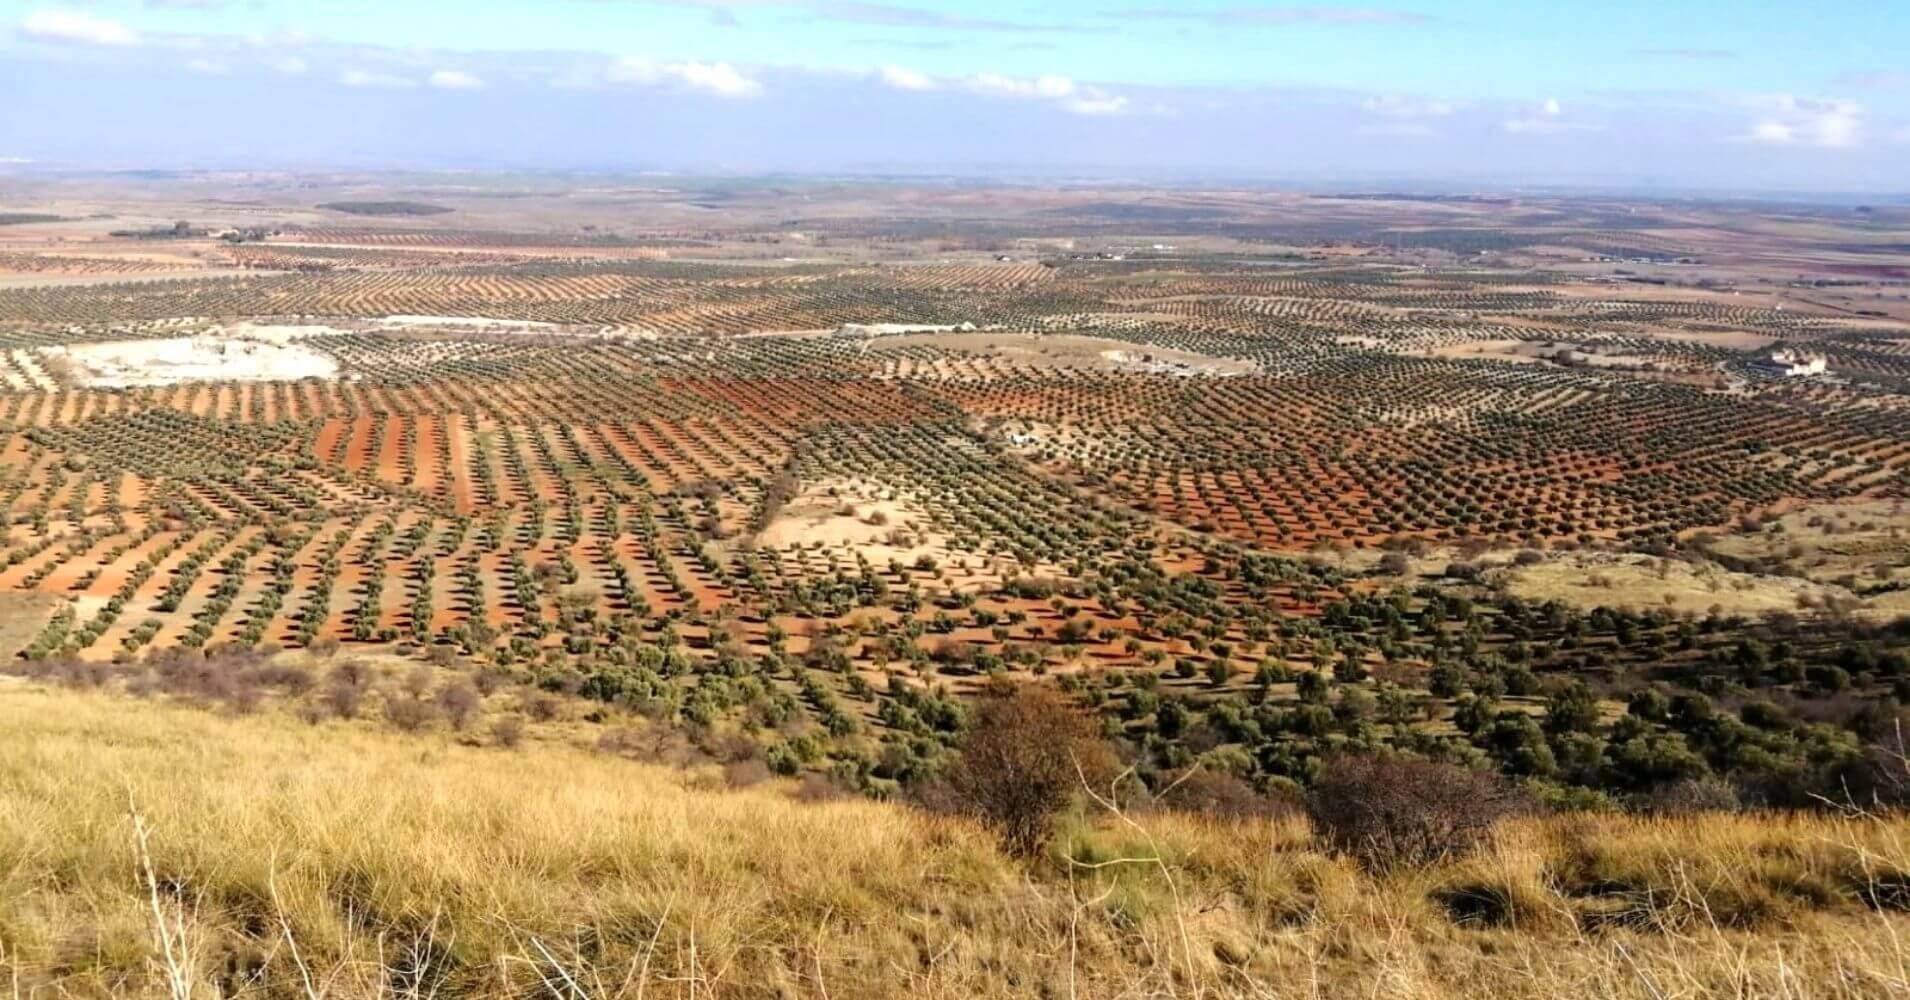 Vistas Panorámicas desde la Cumbre de Sierra de Nambroca y Cerro Marica. Toledo.